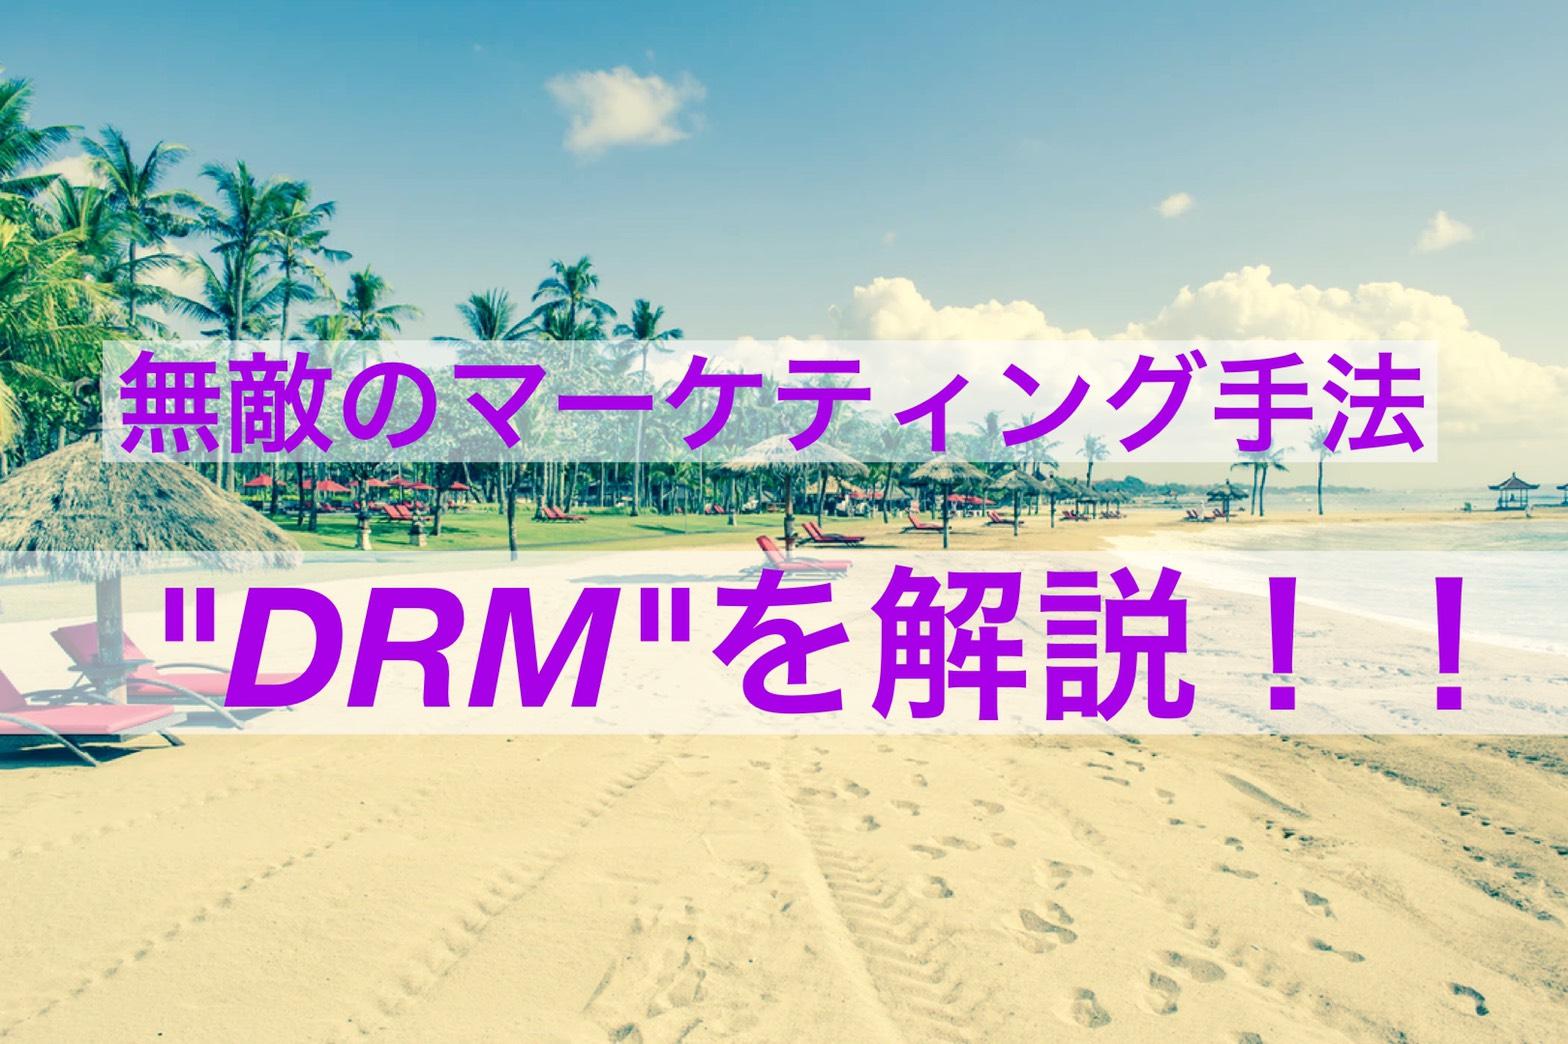 無敵のマーケティング手法「DRM」(ダイレクト・レスポンス・マーケティング)とは?